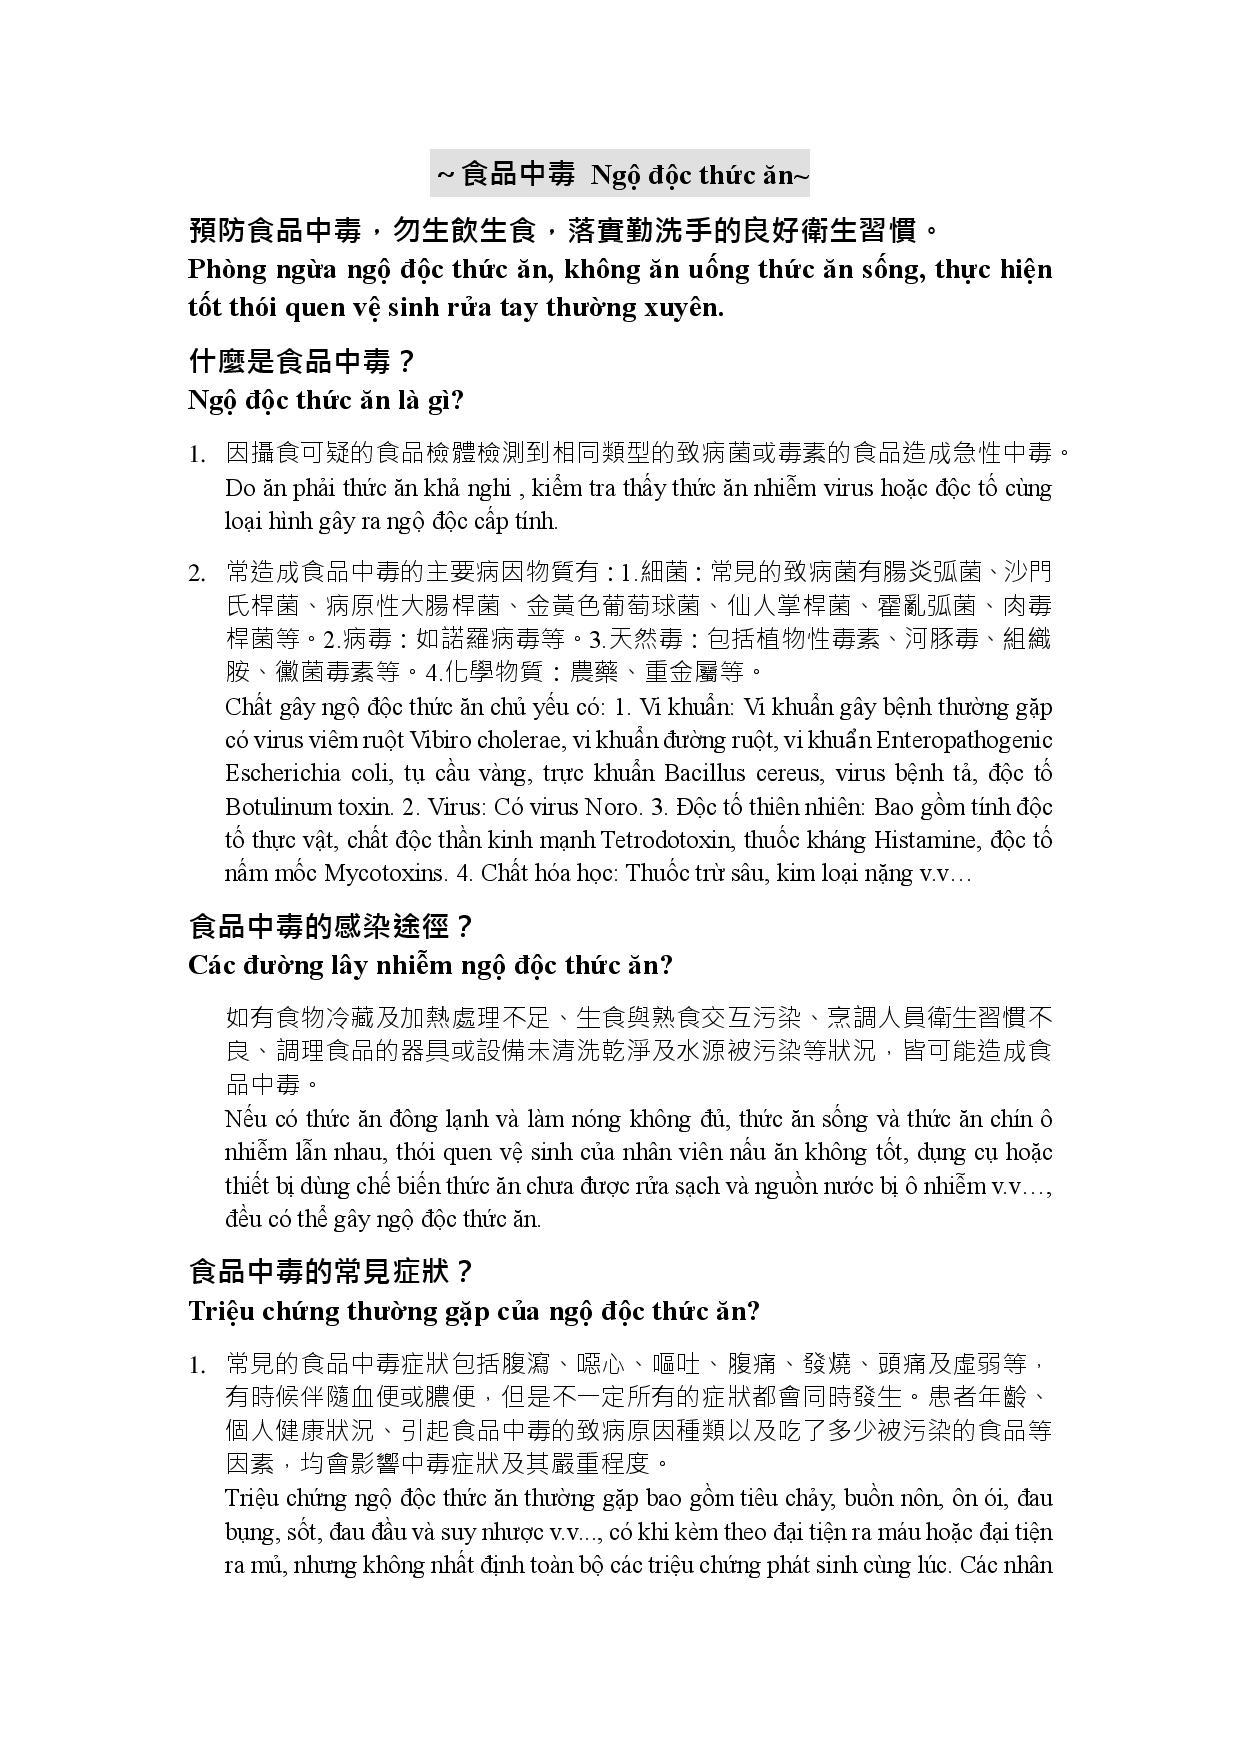 詳如附件【nhấp vào đây】Phòng ngừa ngộ độc thức ăn(Trang 1)預防食品中毒(越文)